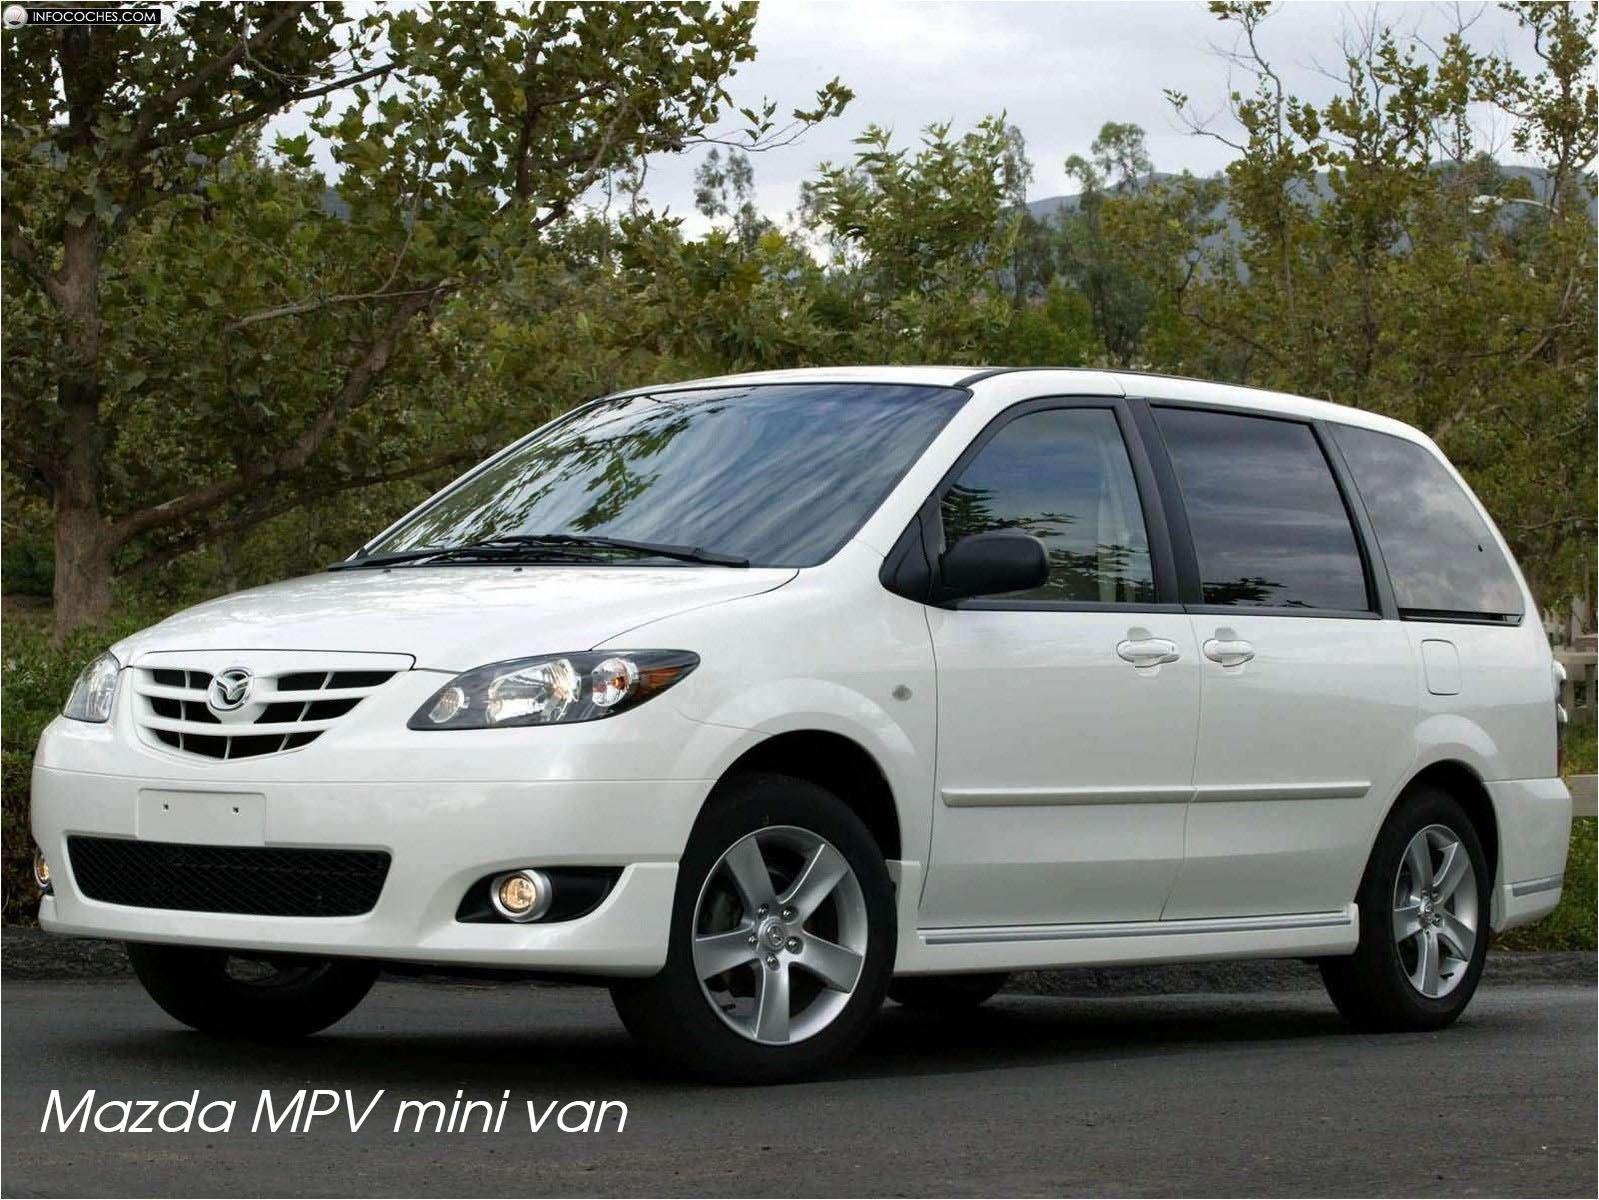 Town And Country Van Reviews >> Mazda MPV mini van - Cars in Kauai